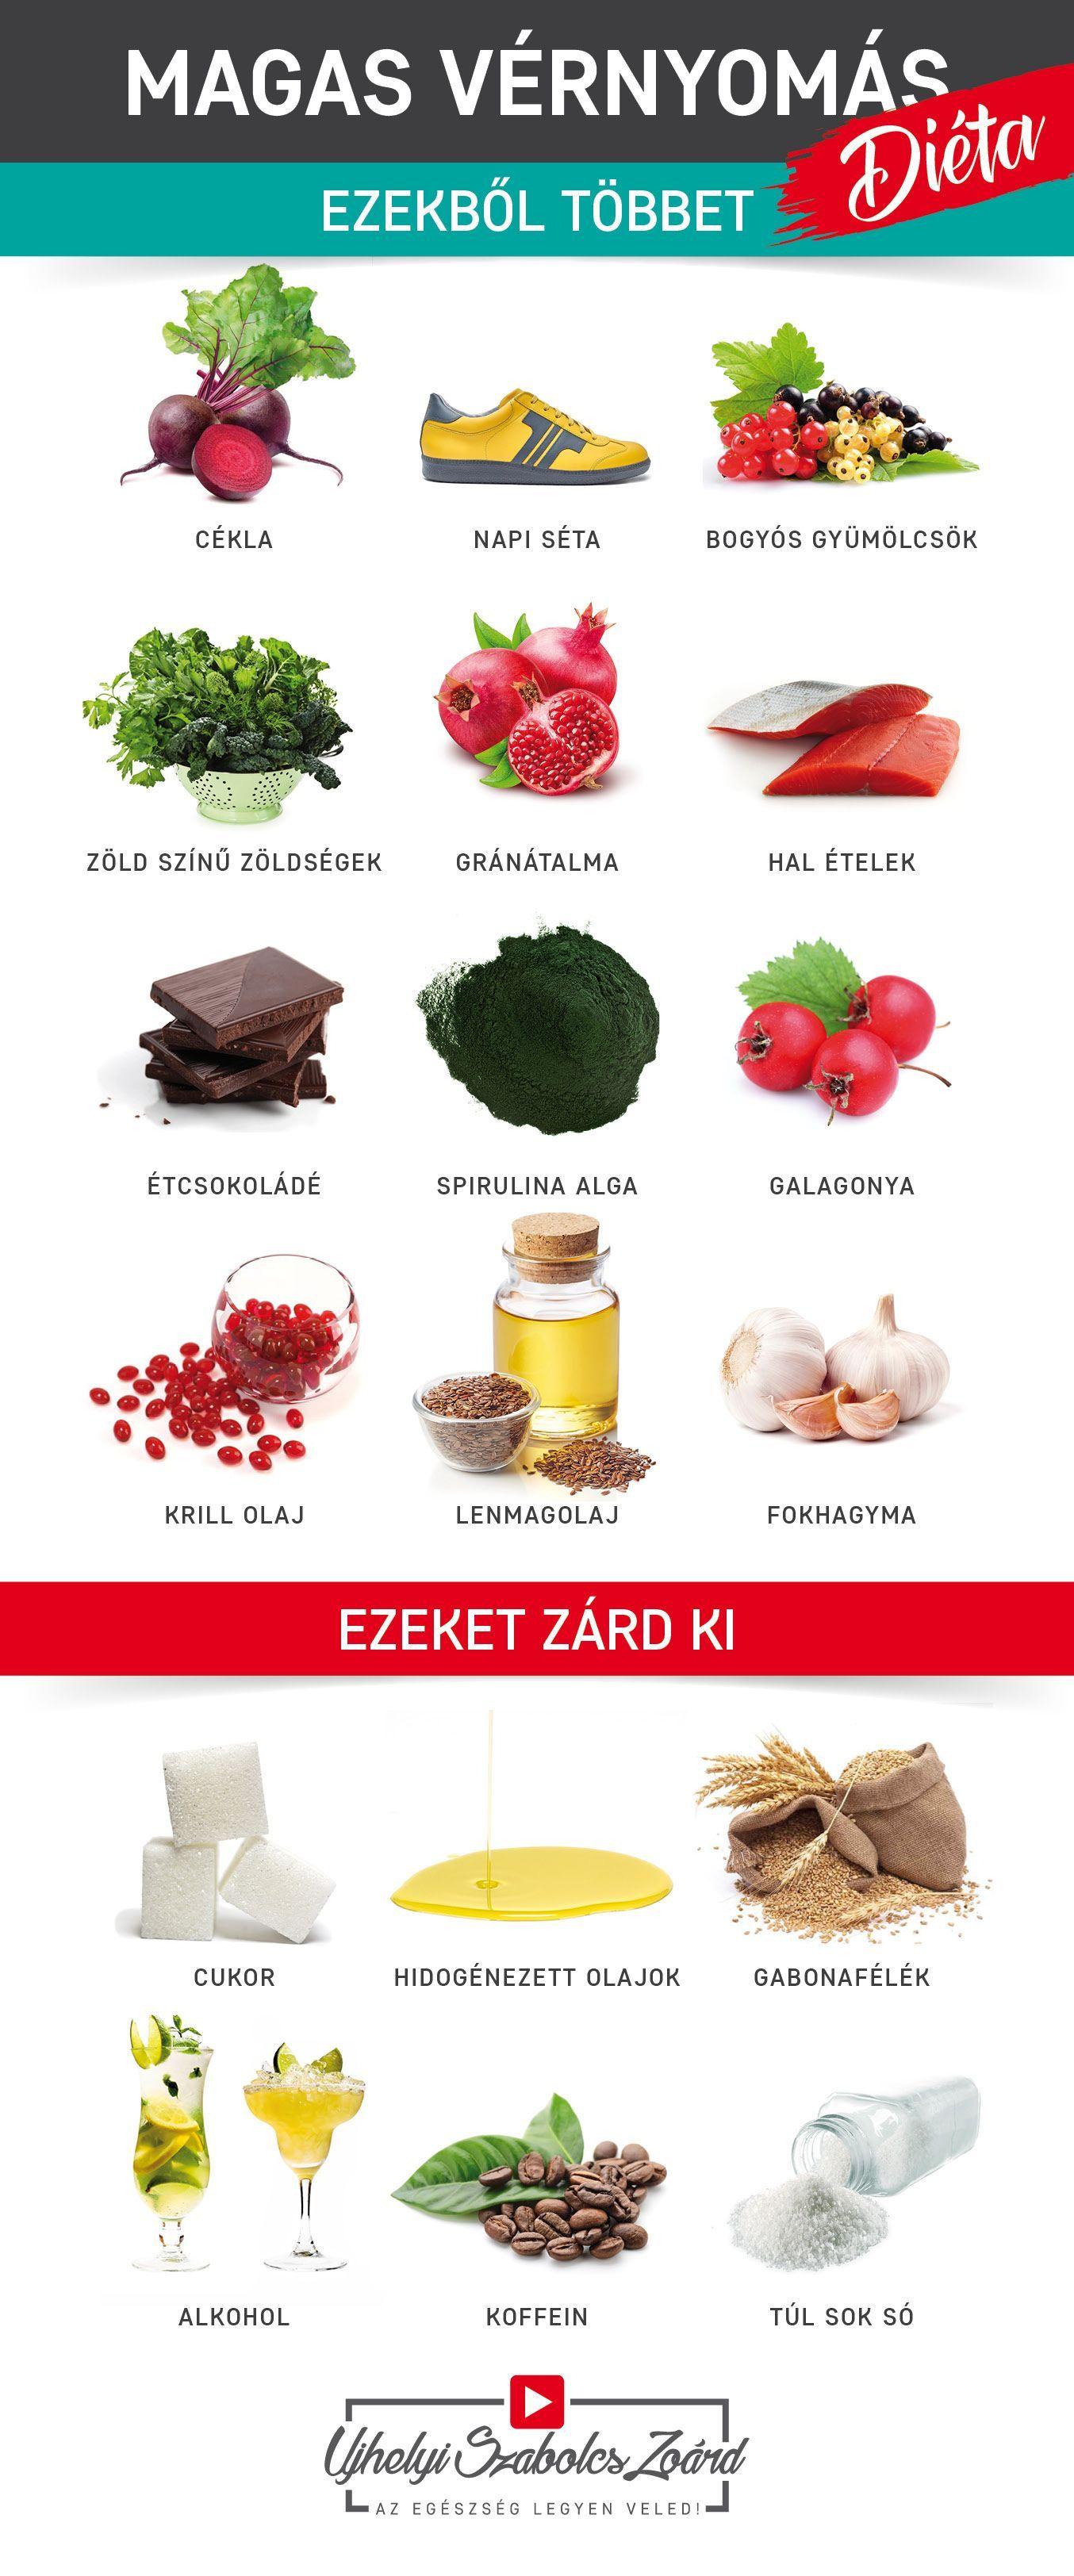 magas vérnyomás egészséges életmód